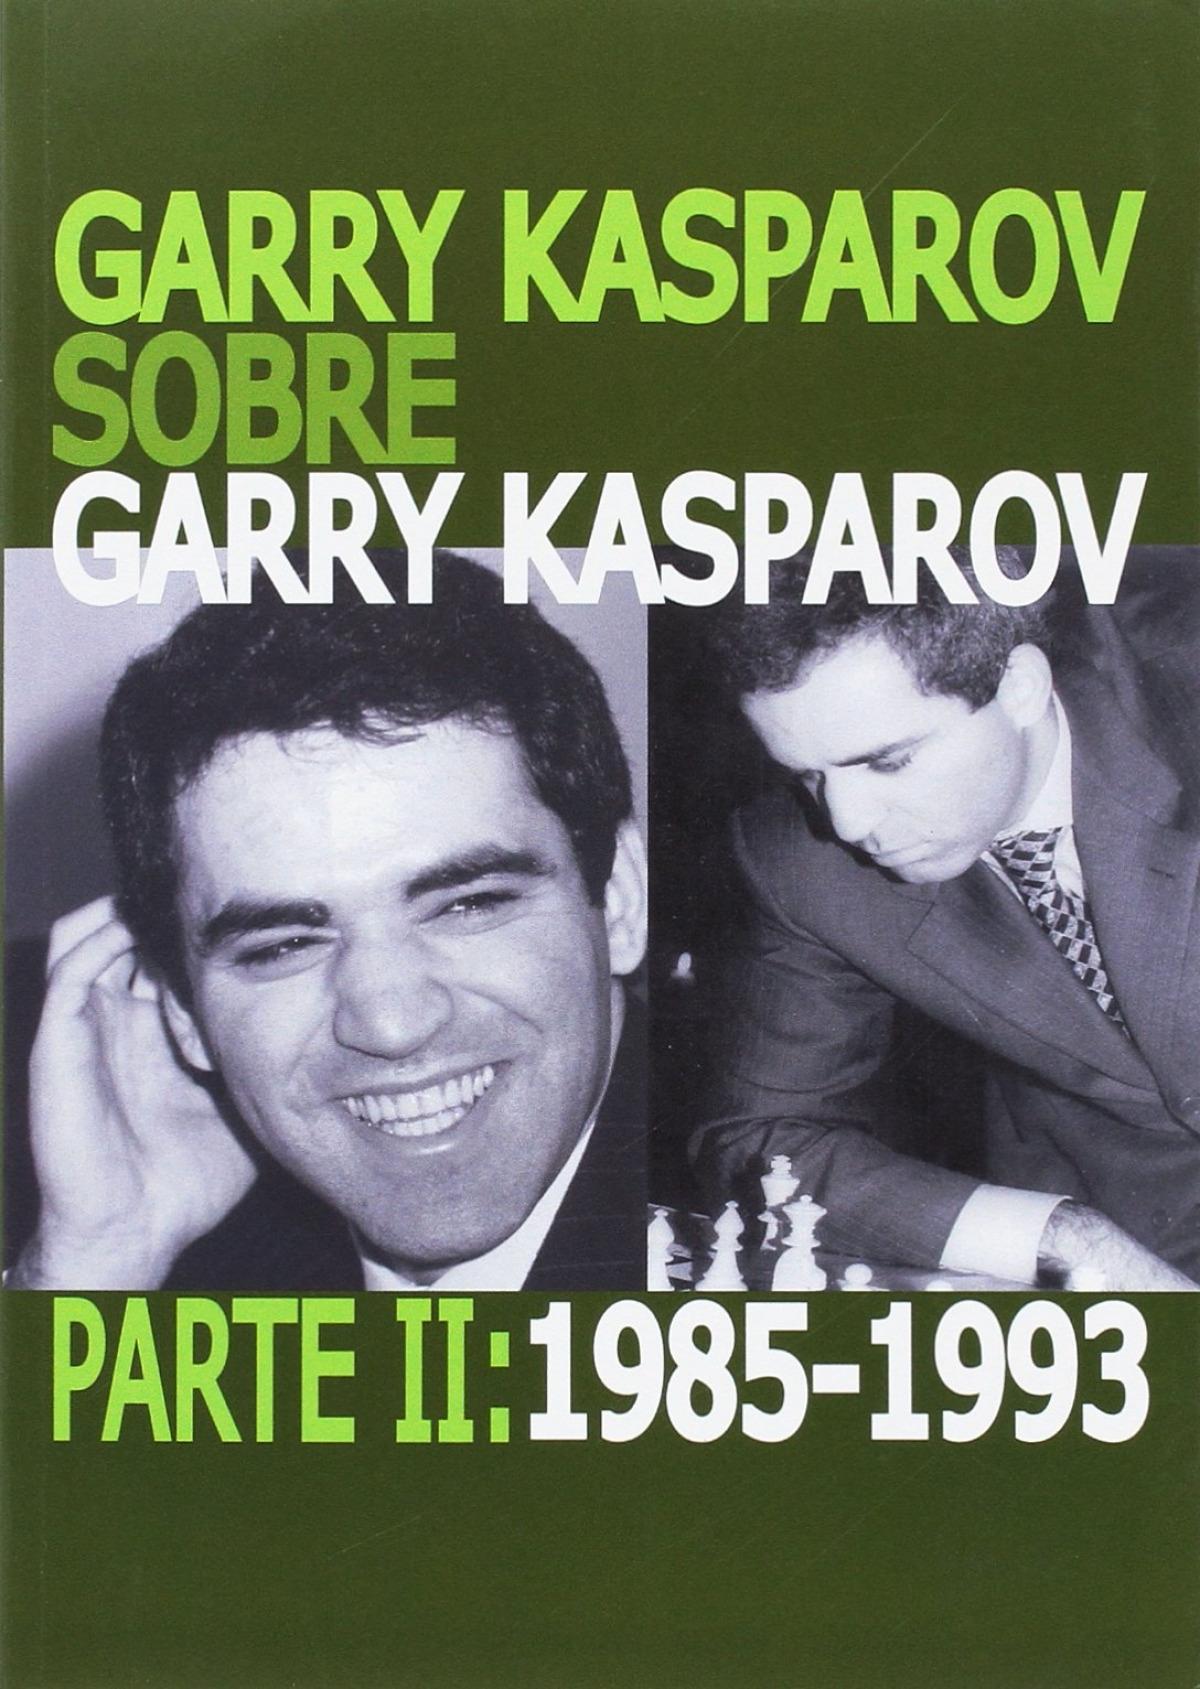 GARRY KASPAROV 1985-1993 9788492517749